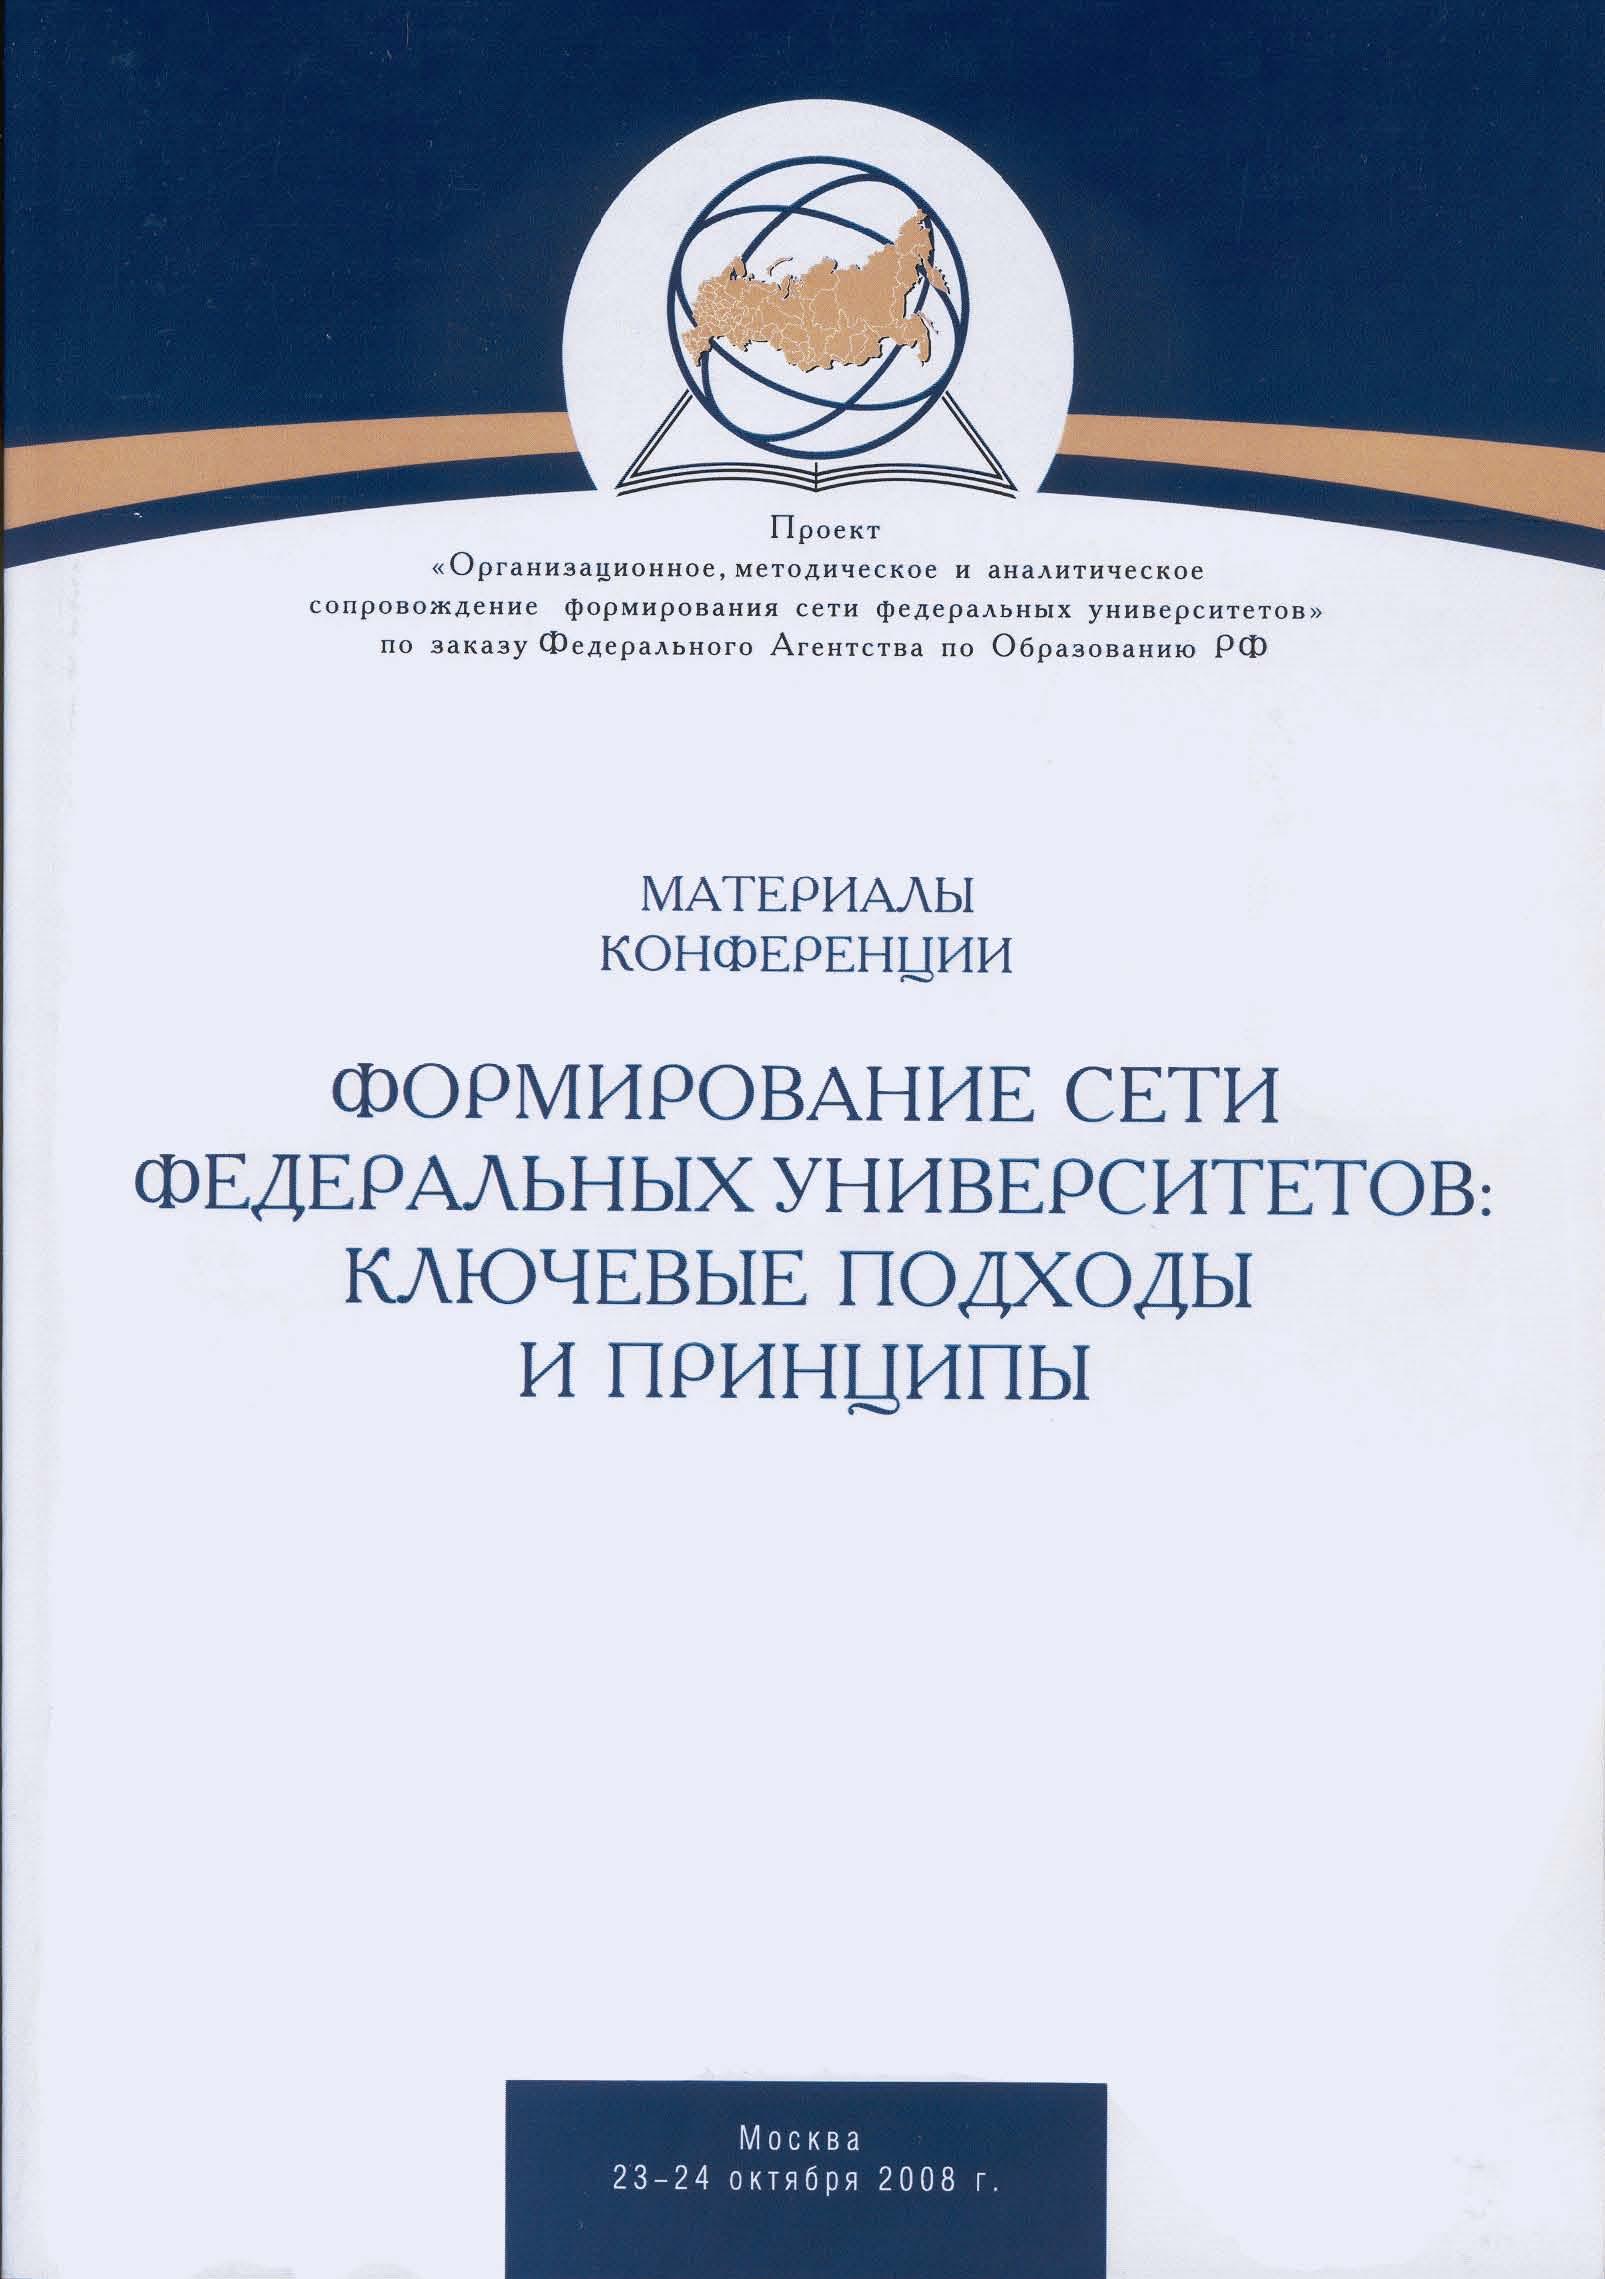 Формирование сети федеральных университетов: ключевые подходы и принципы: материалы конференции, Москва, 23-24 октября 2008 года